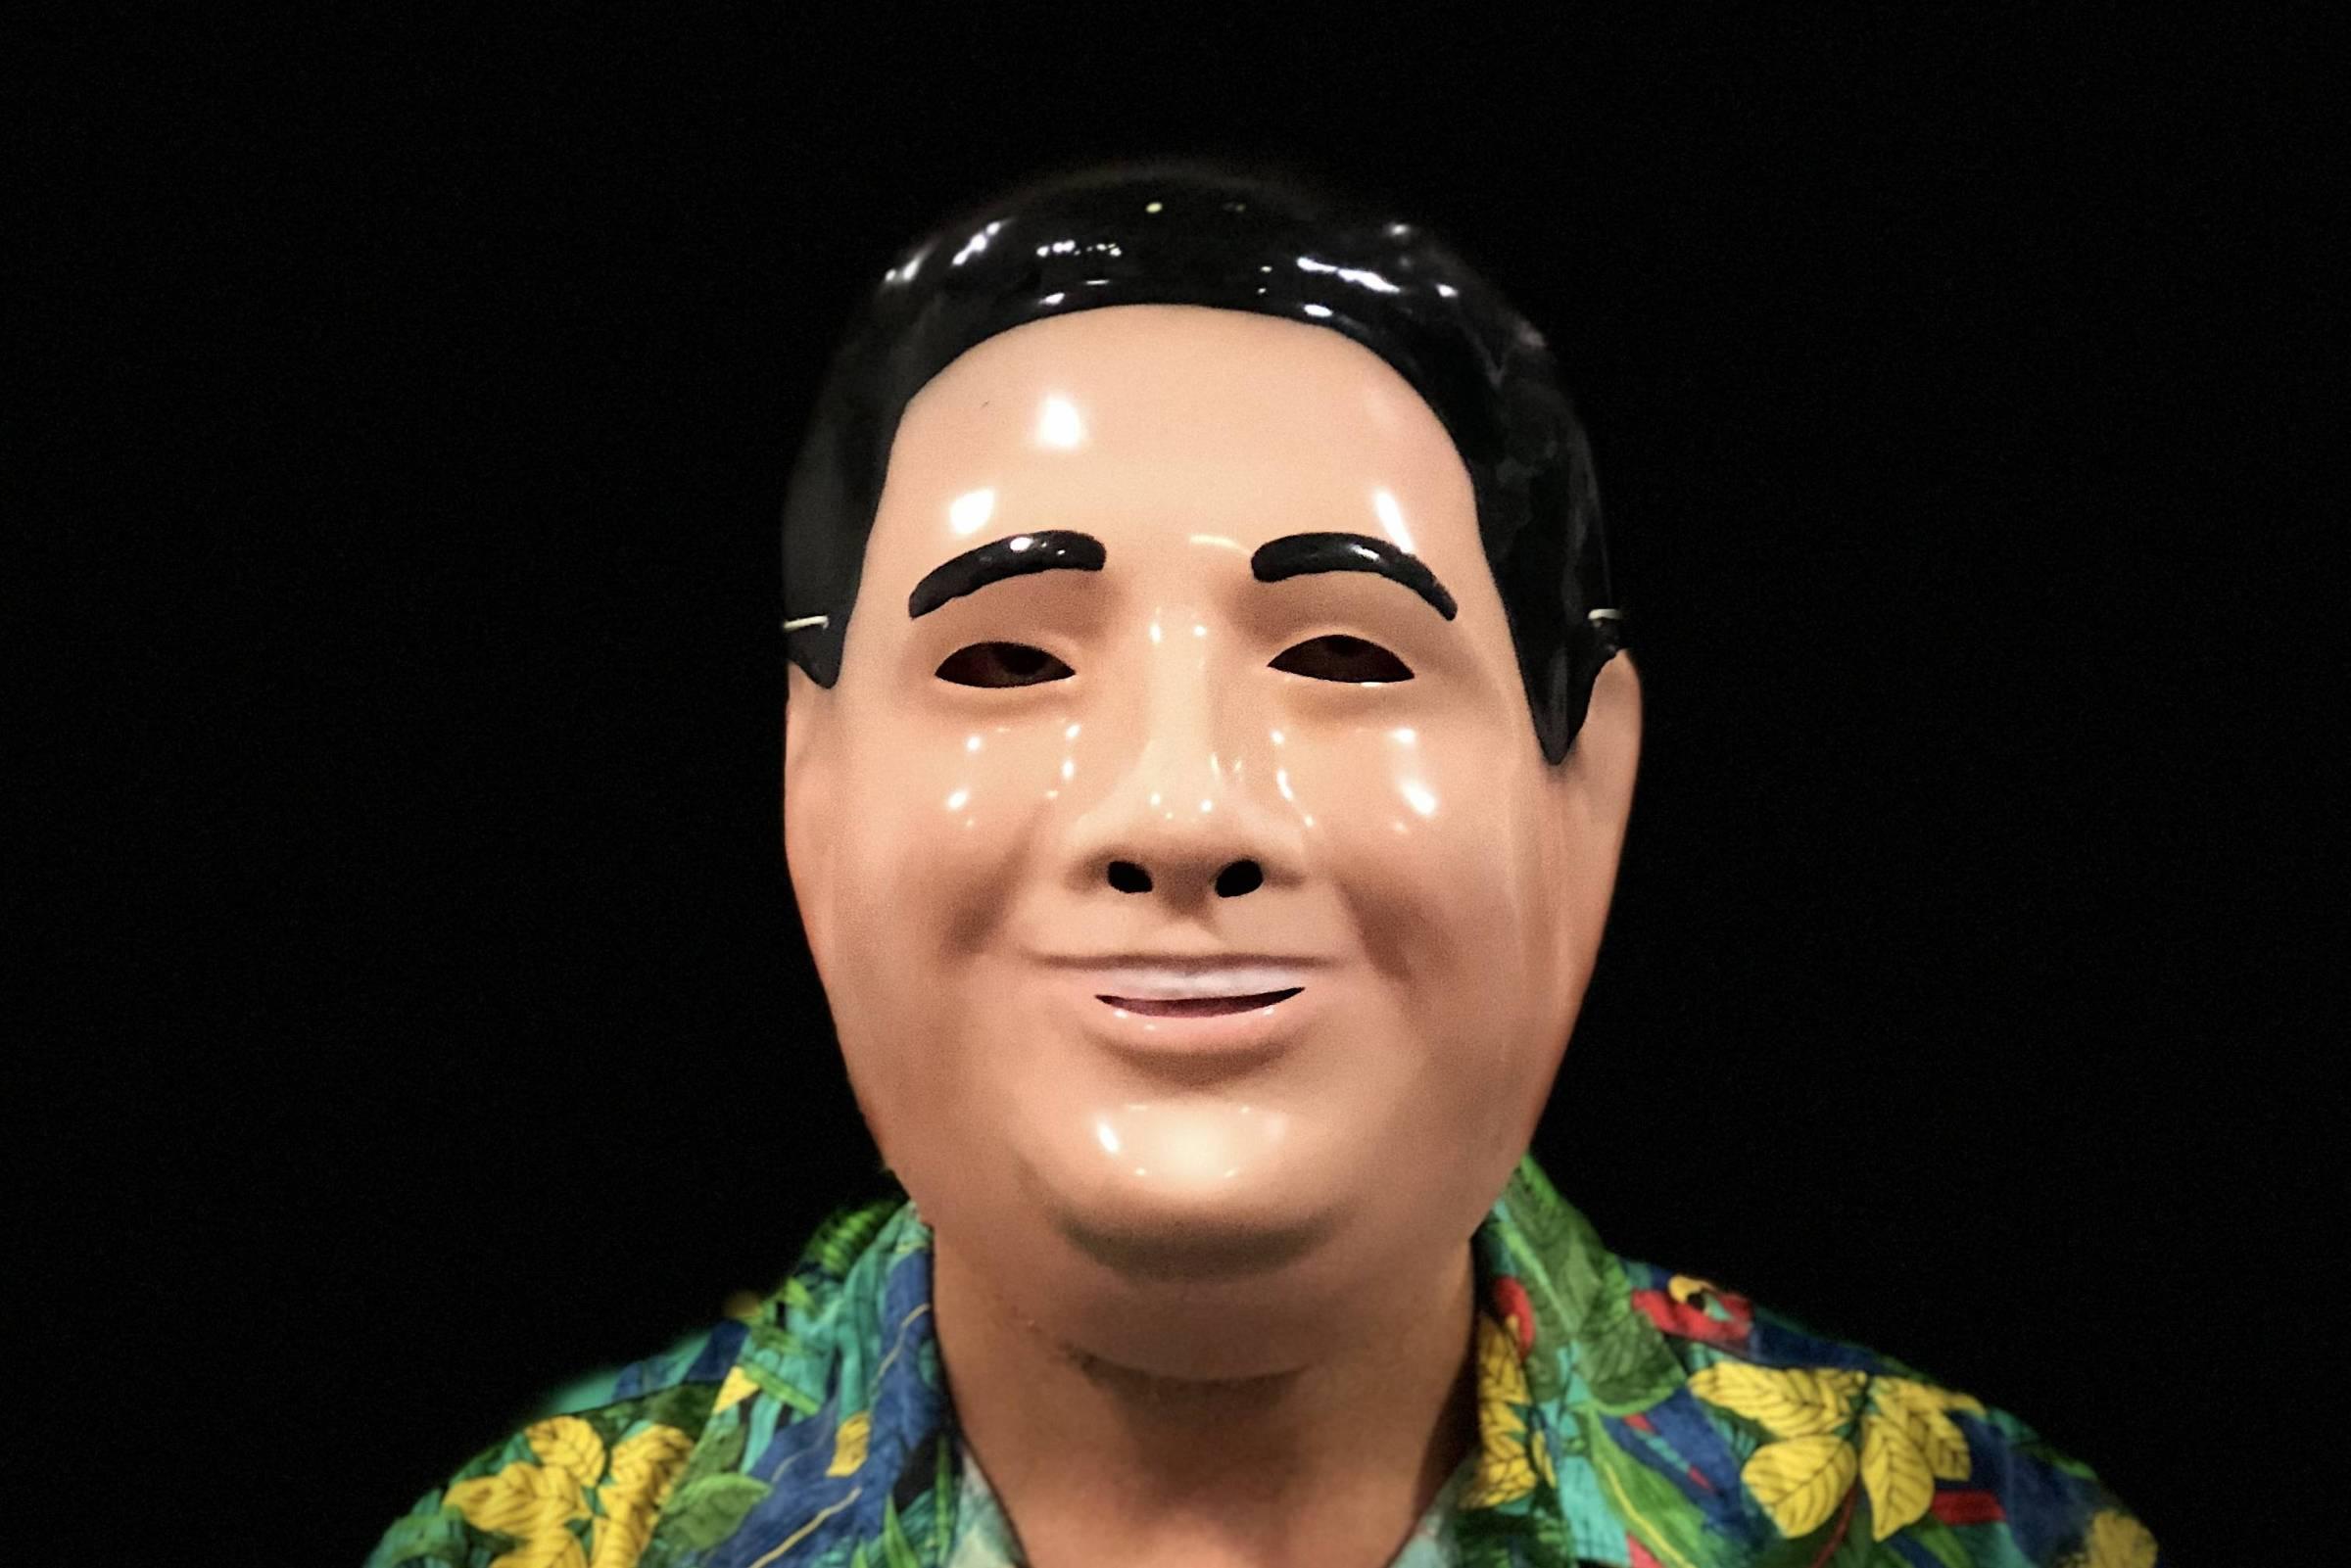 1f4754926c401 Máscaras irreconhecíveis de políticos são vendidas para o Carnaval -  09 02 2019 - Cotidiano - Folha